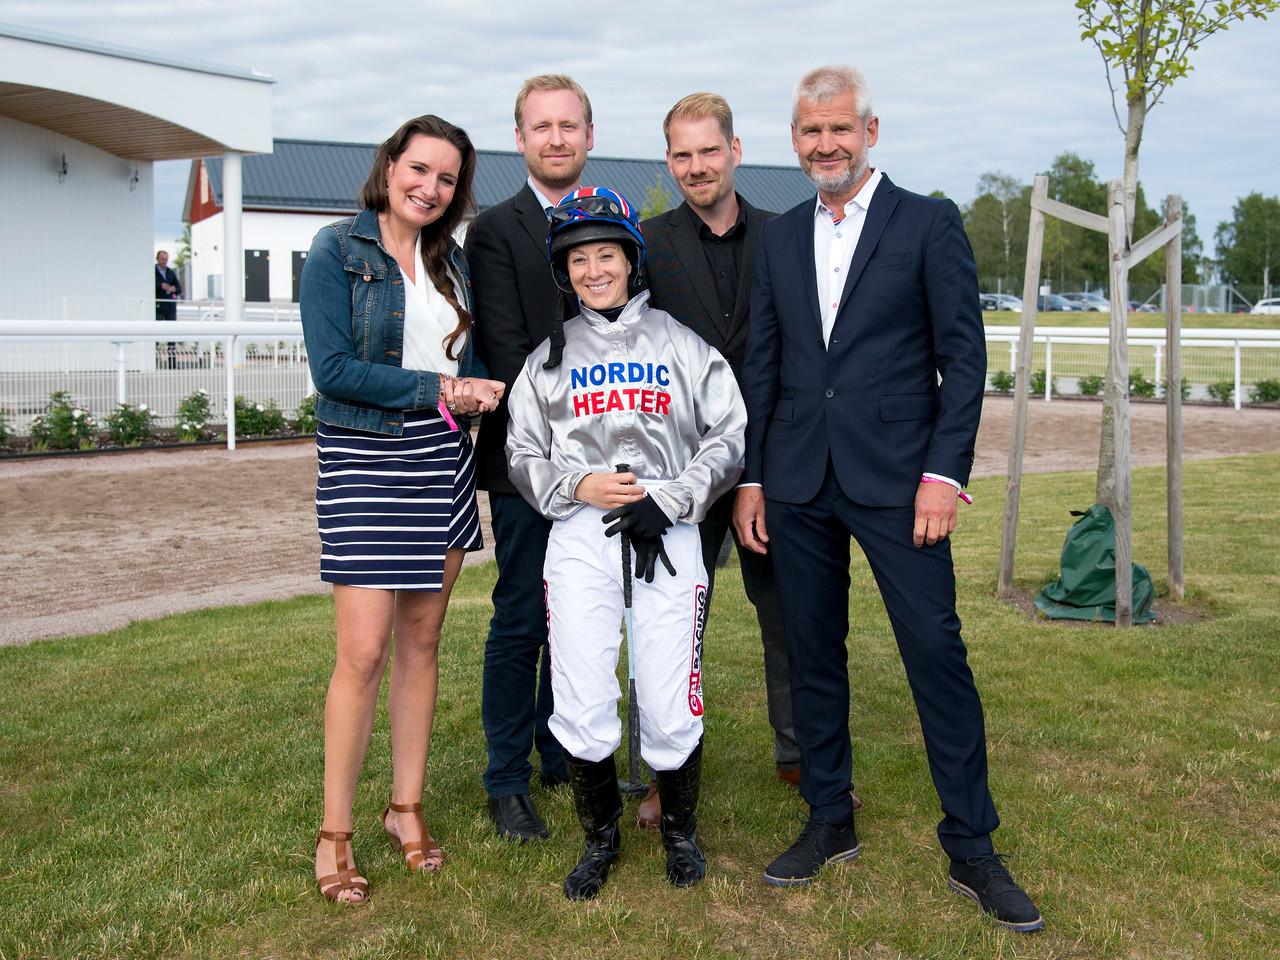 Hayley Turner och och representanter för Nordic Heater Bro Park 170704 Foto: Elina Björklund / Svensk Galopp